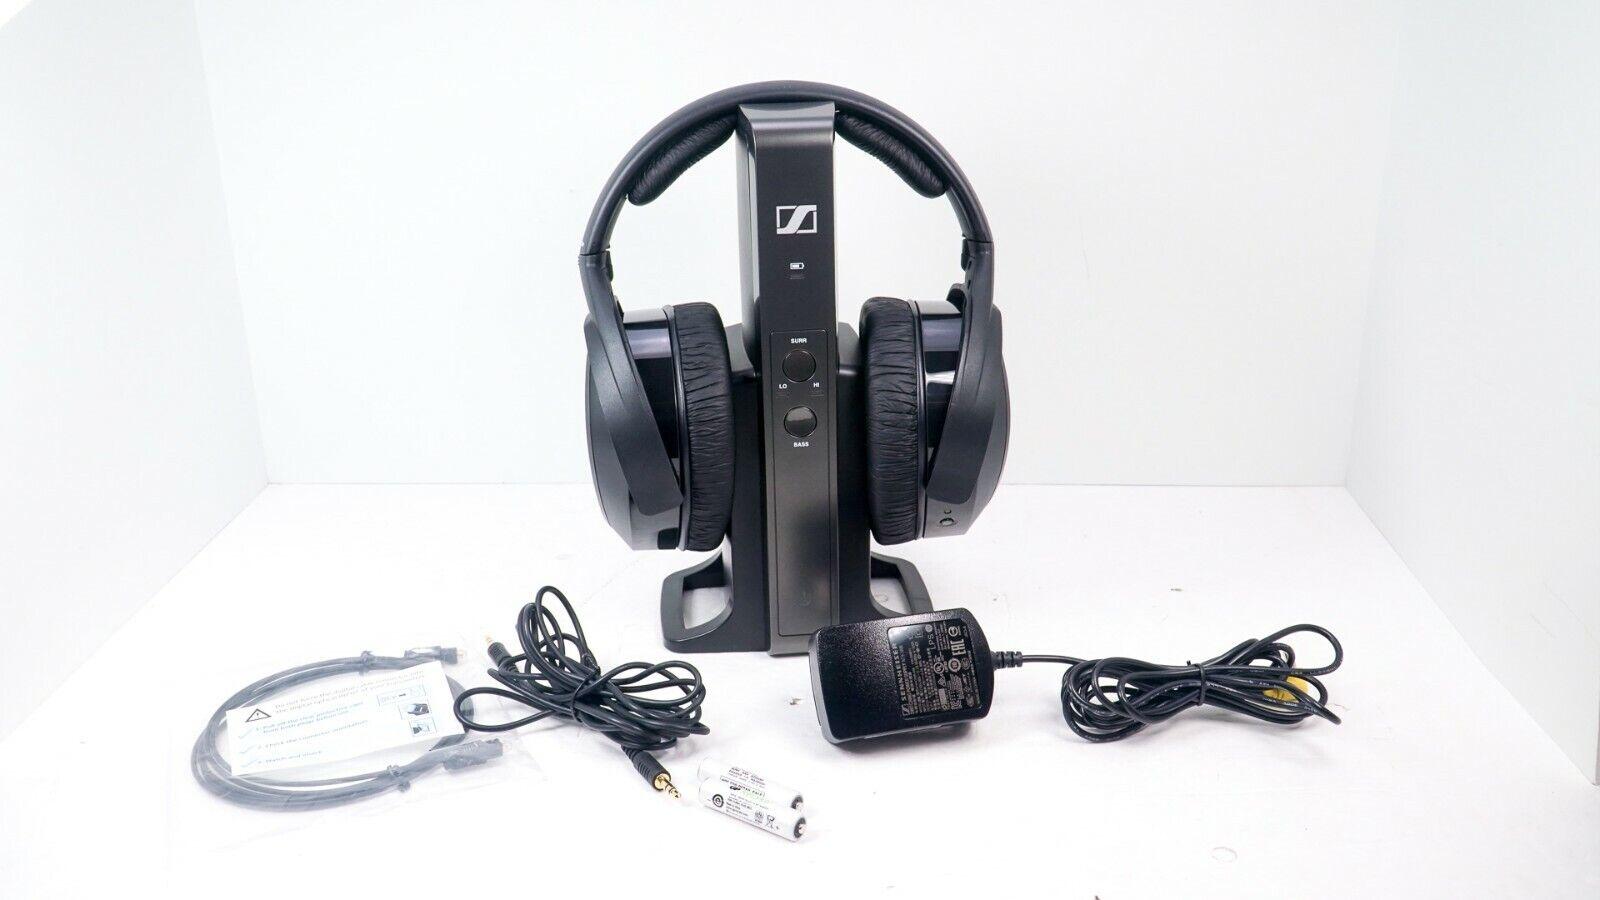 Sennheiser RS 175 Digital Wireless Surround Sound Headphone